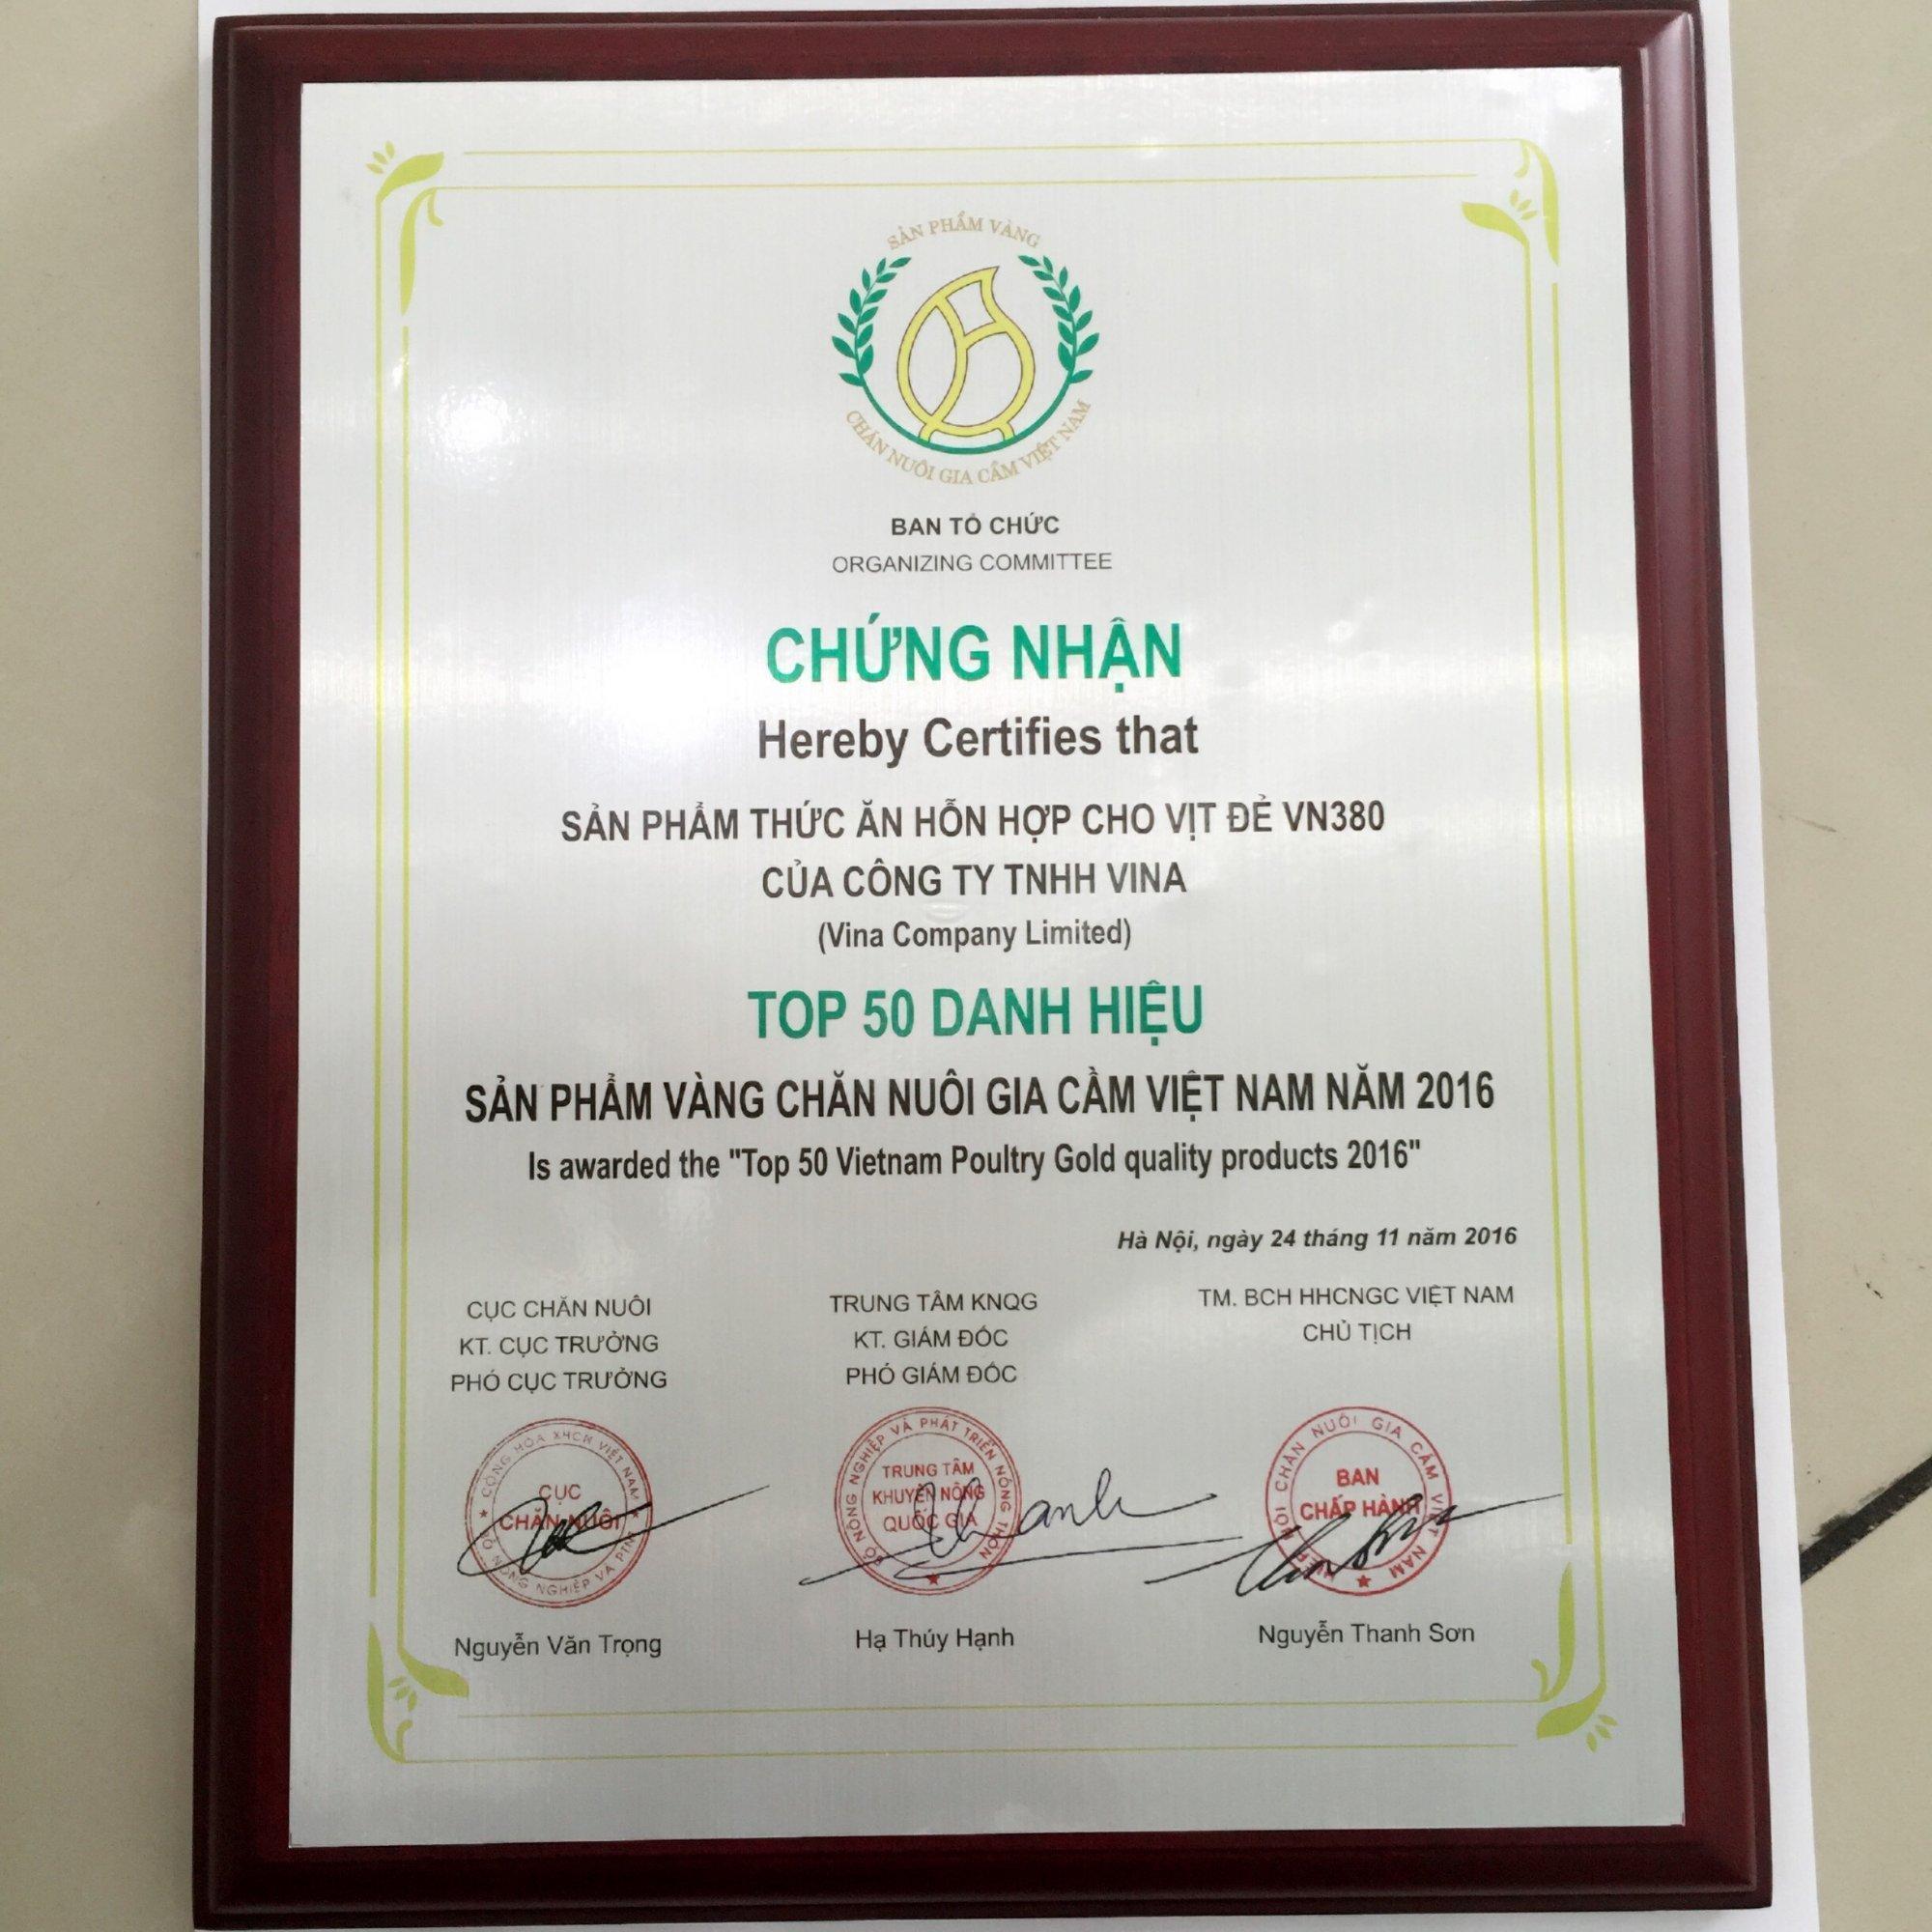 """Công ty TNHH ViNa  đạt danh hiệu """"Sản phẩm vàng chăn nuôi gia cầm Việt Nam 2016"""""""